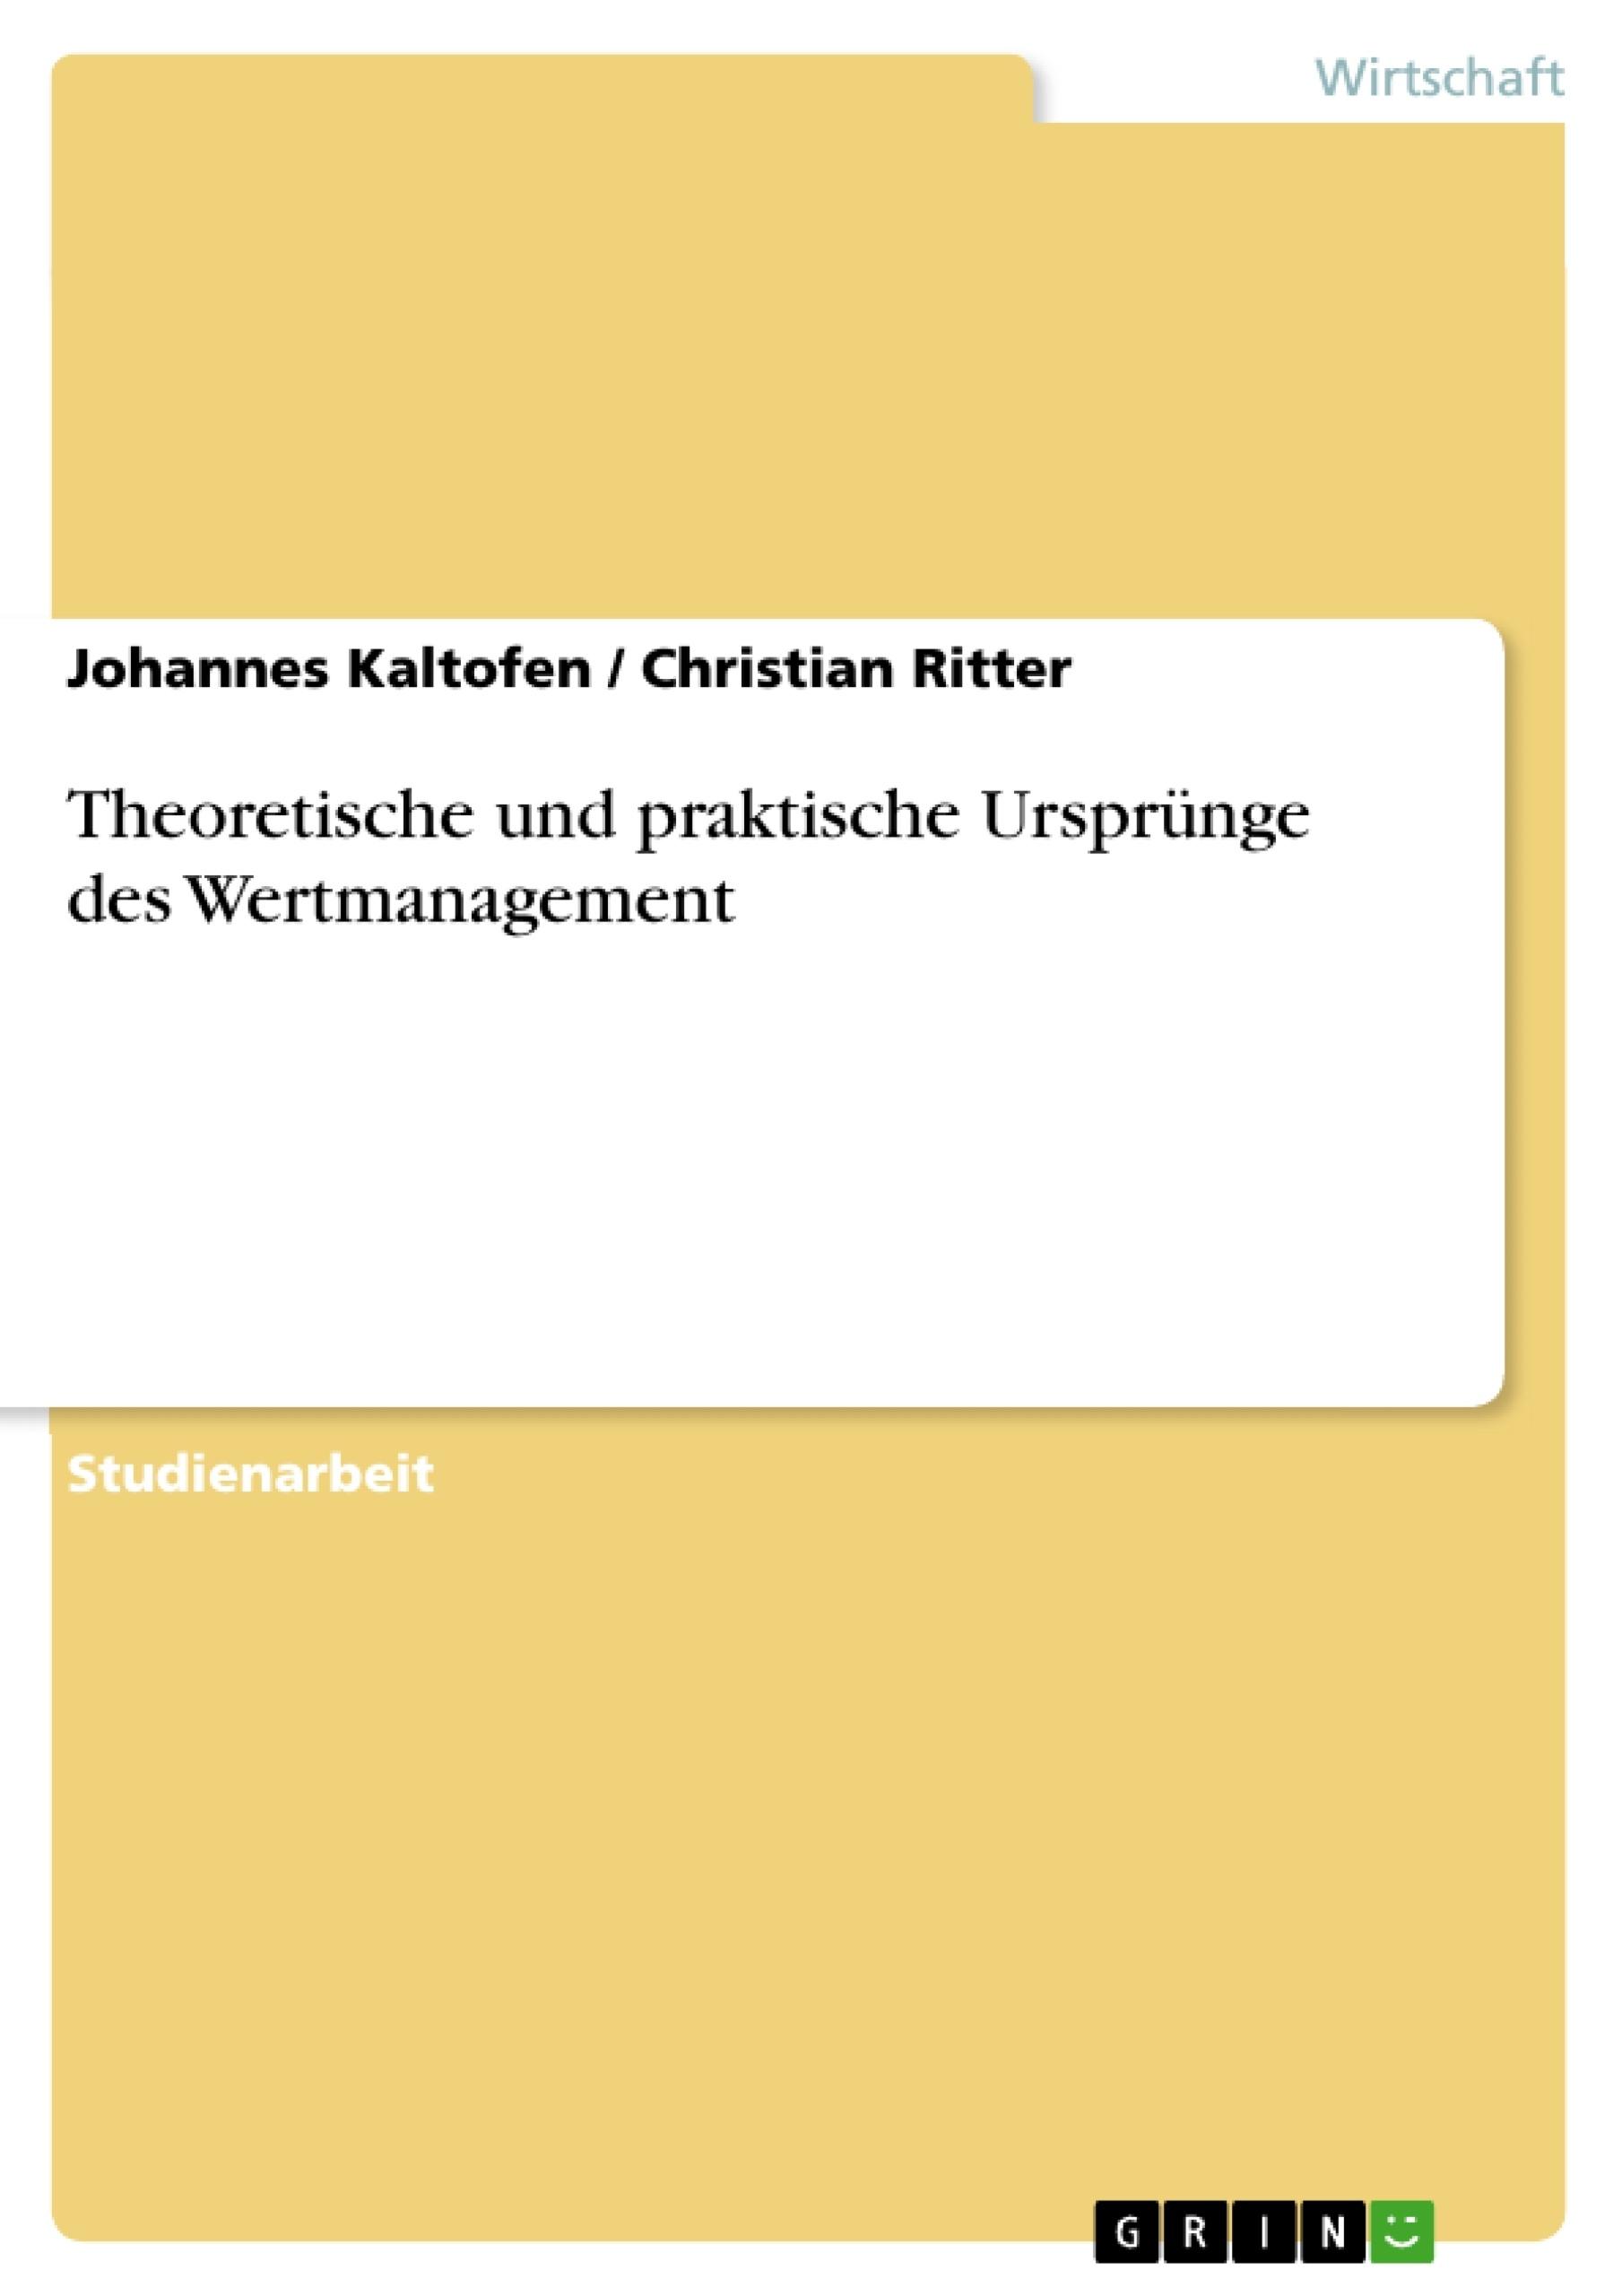 Titel: Theoretische und praktische Ursprünge des Wertmanagement